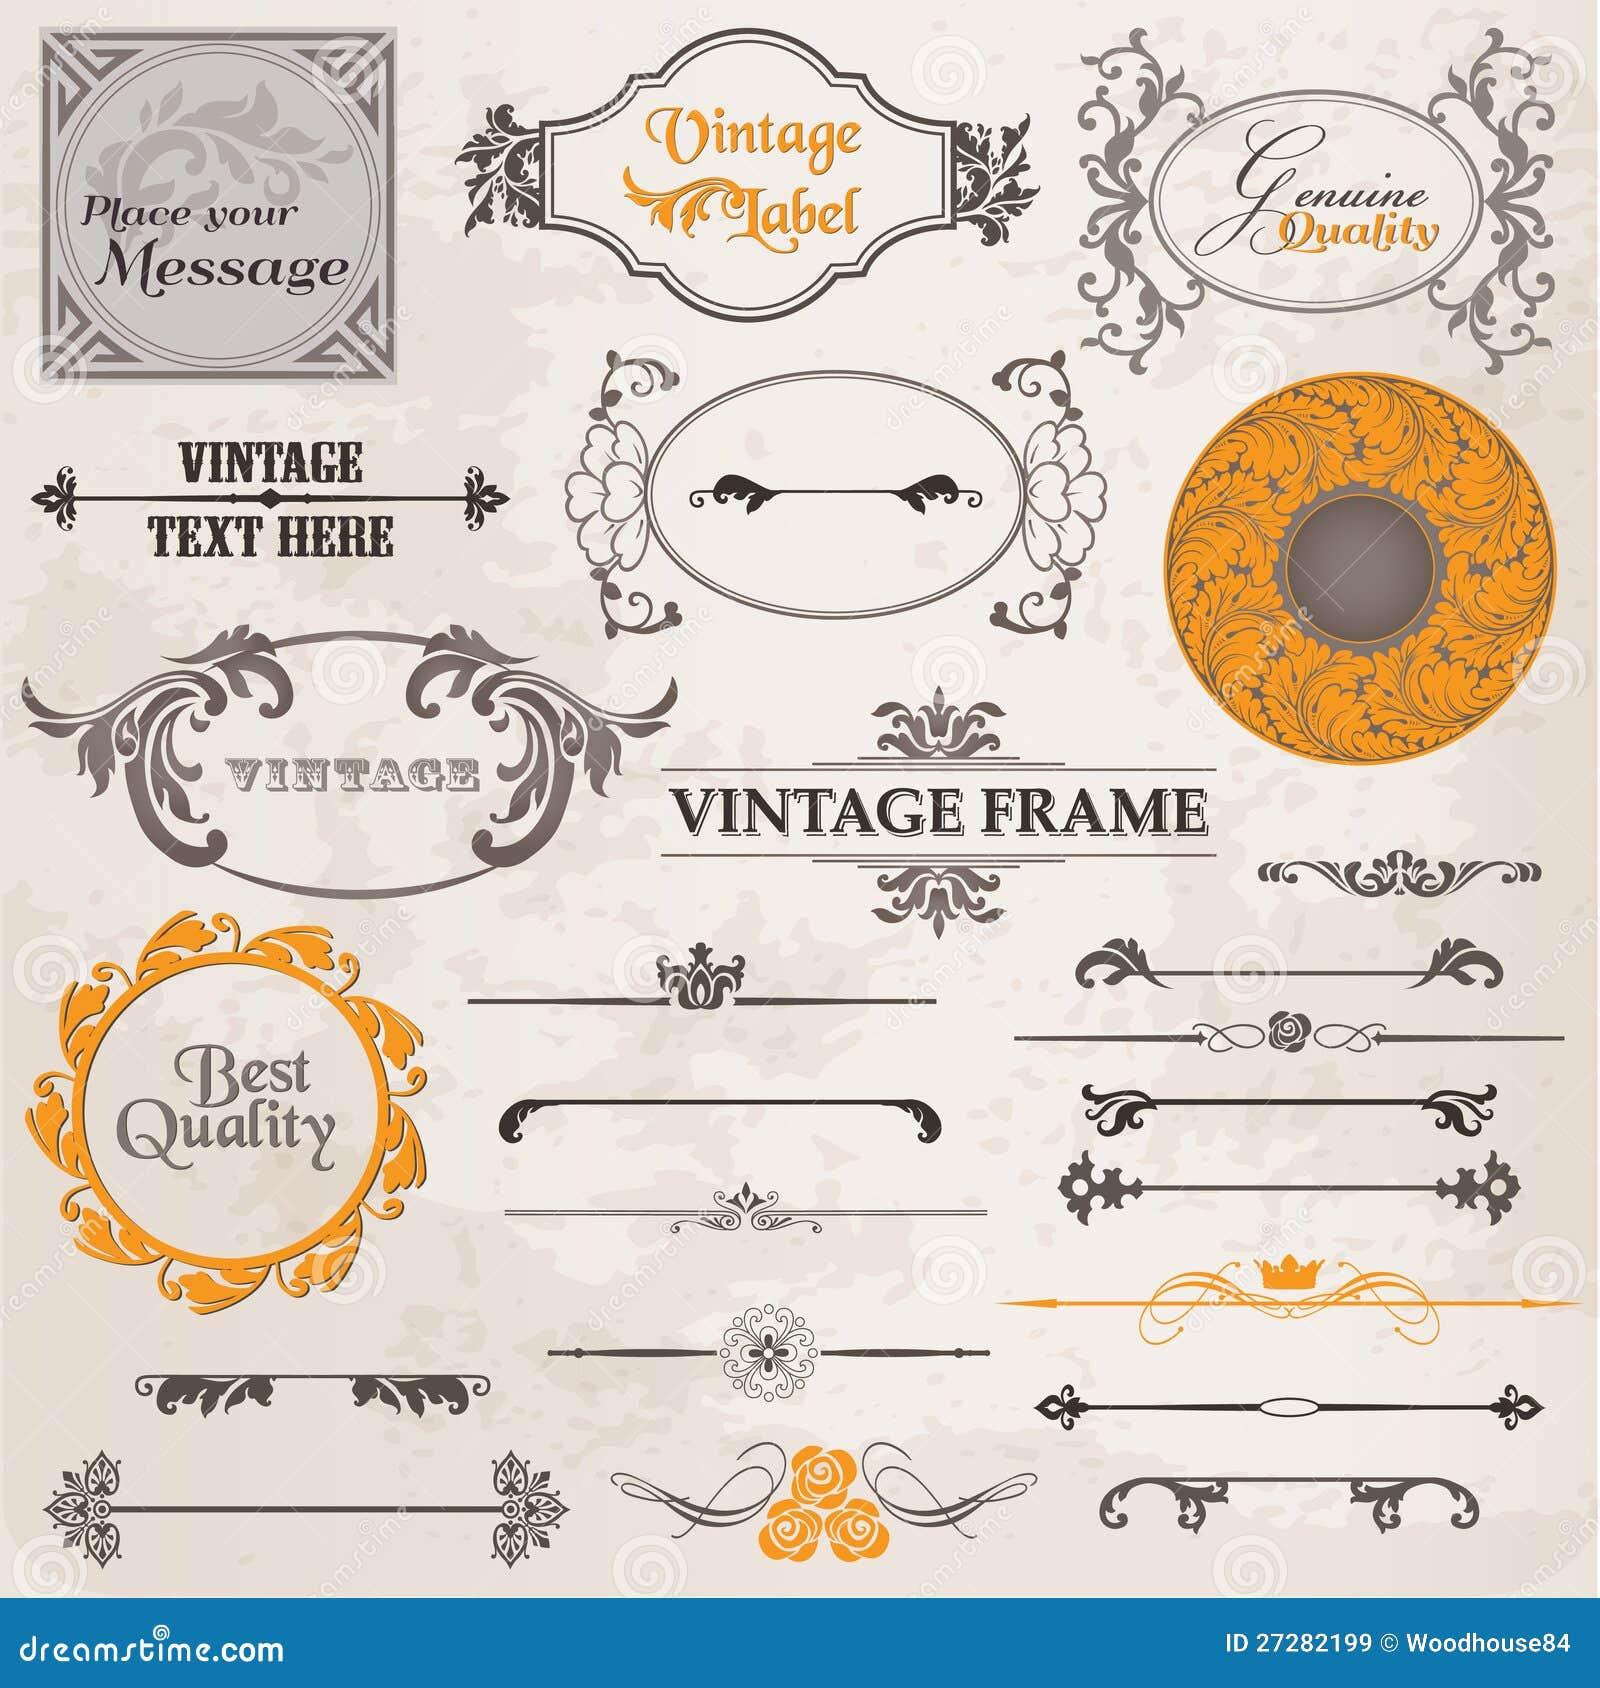 Vector design elements free download pixshark